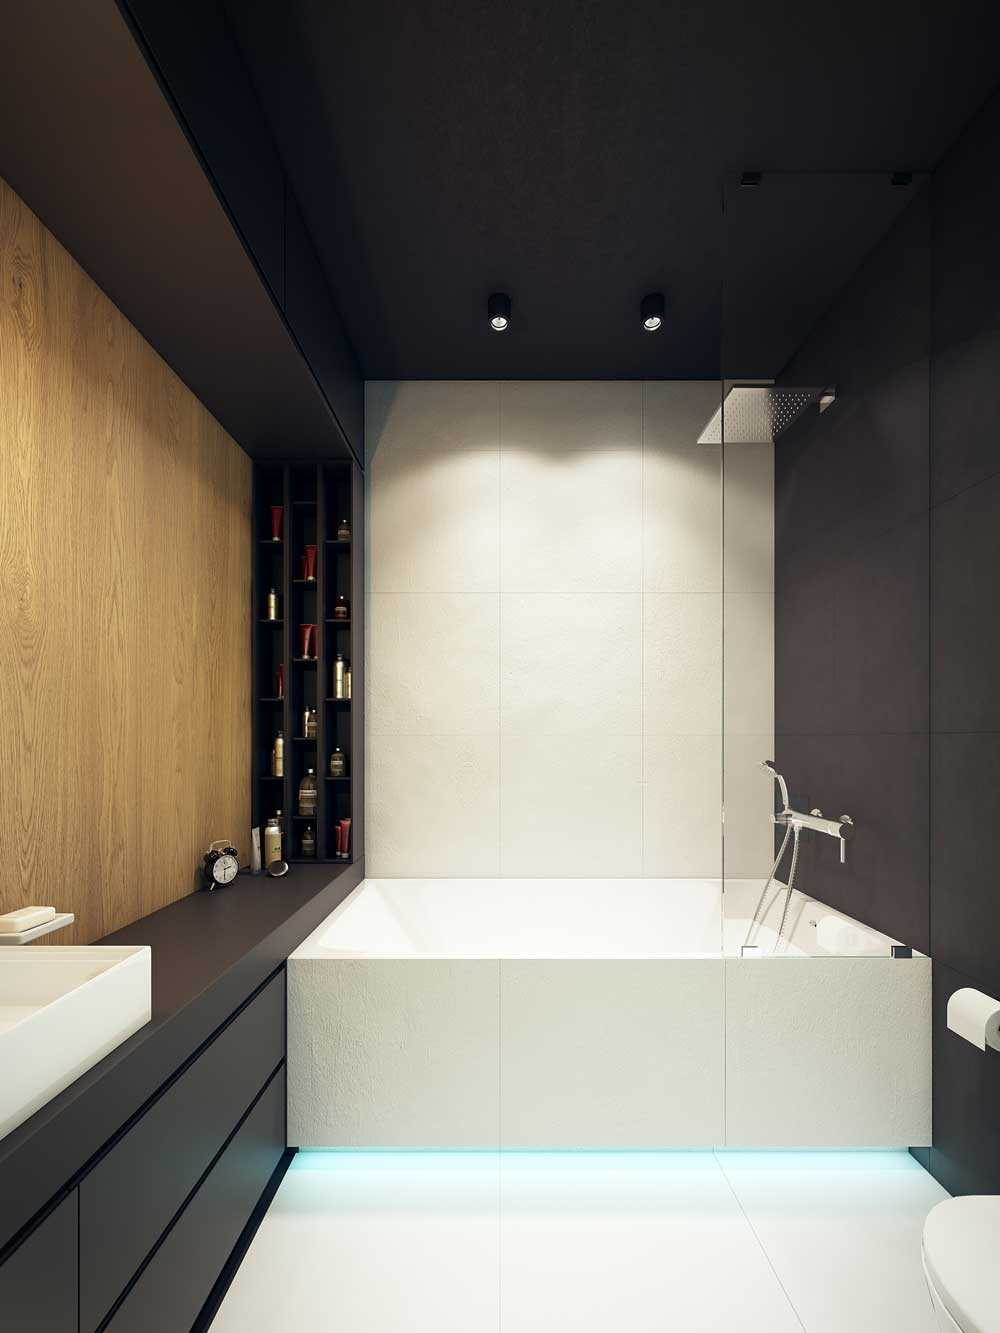 ideja par neparastu vannas istabas interjeru 6 kv.m platībā